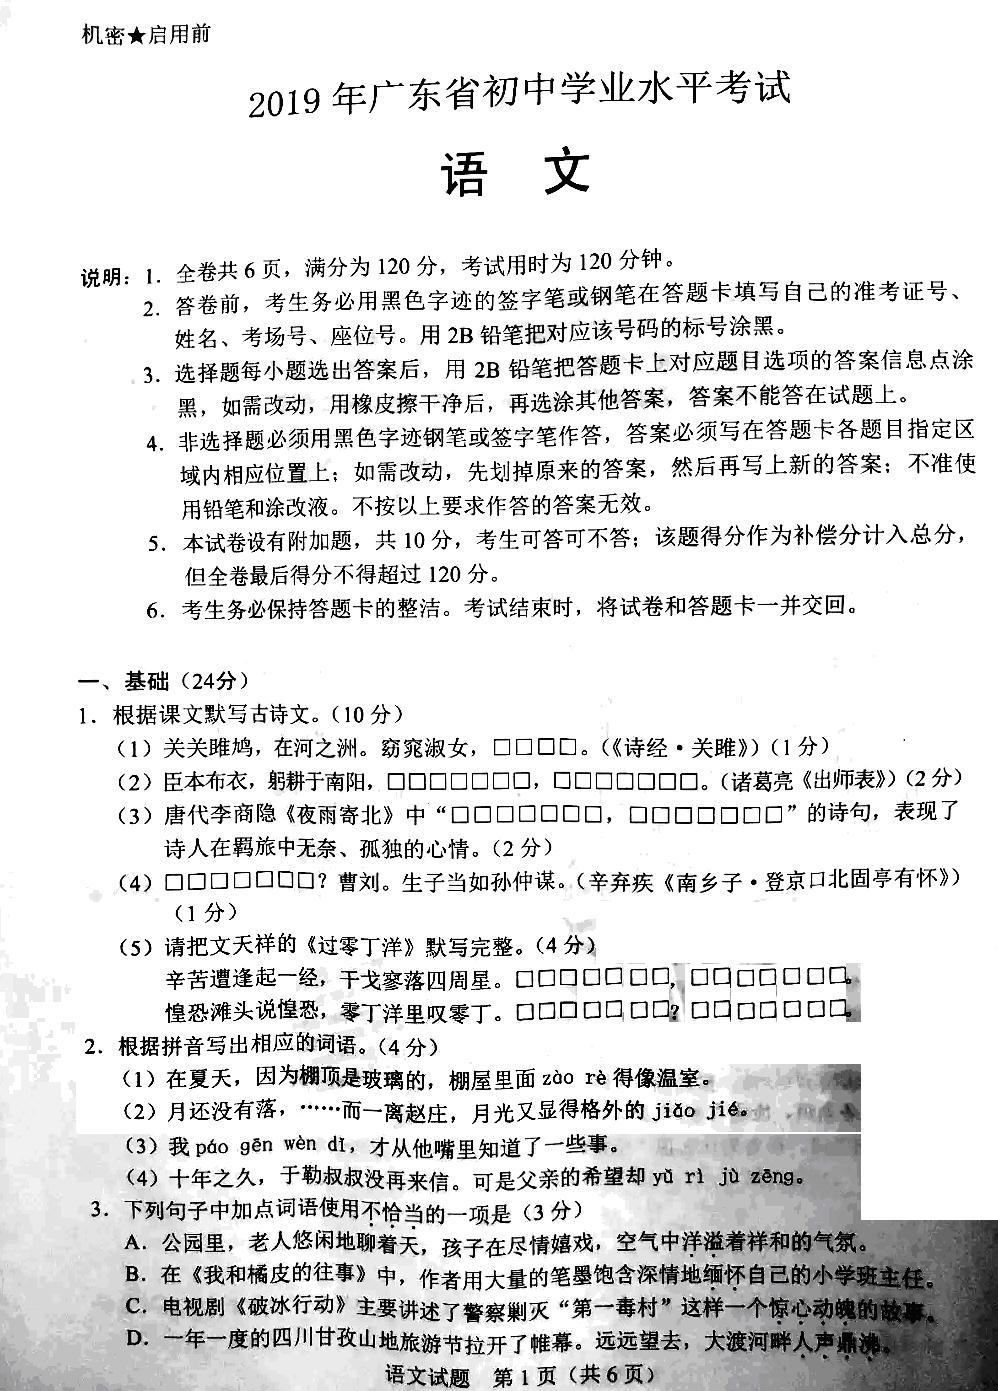 2019年广东中考《语文》真题及答案已公布